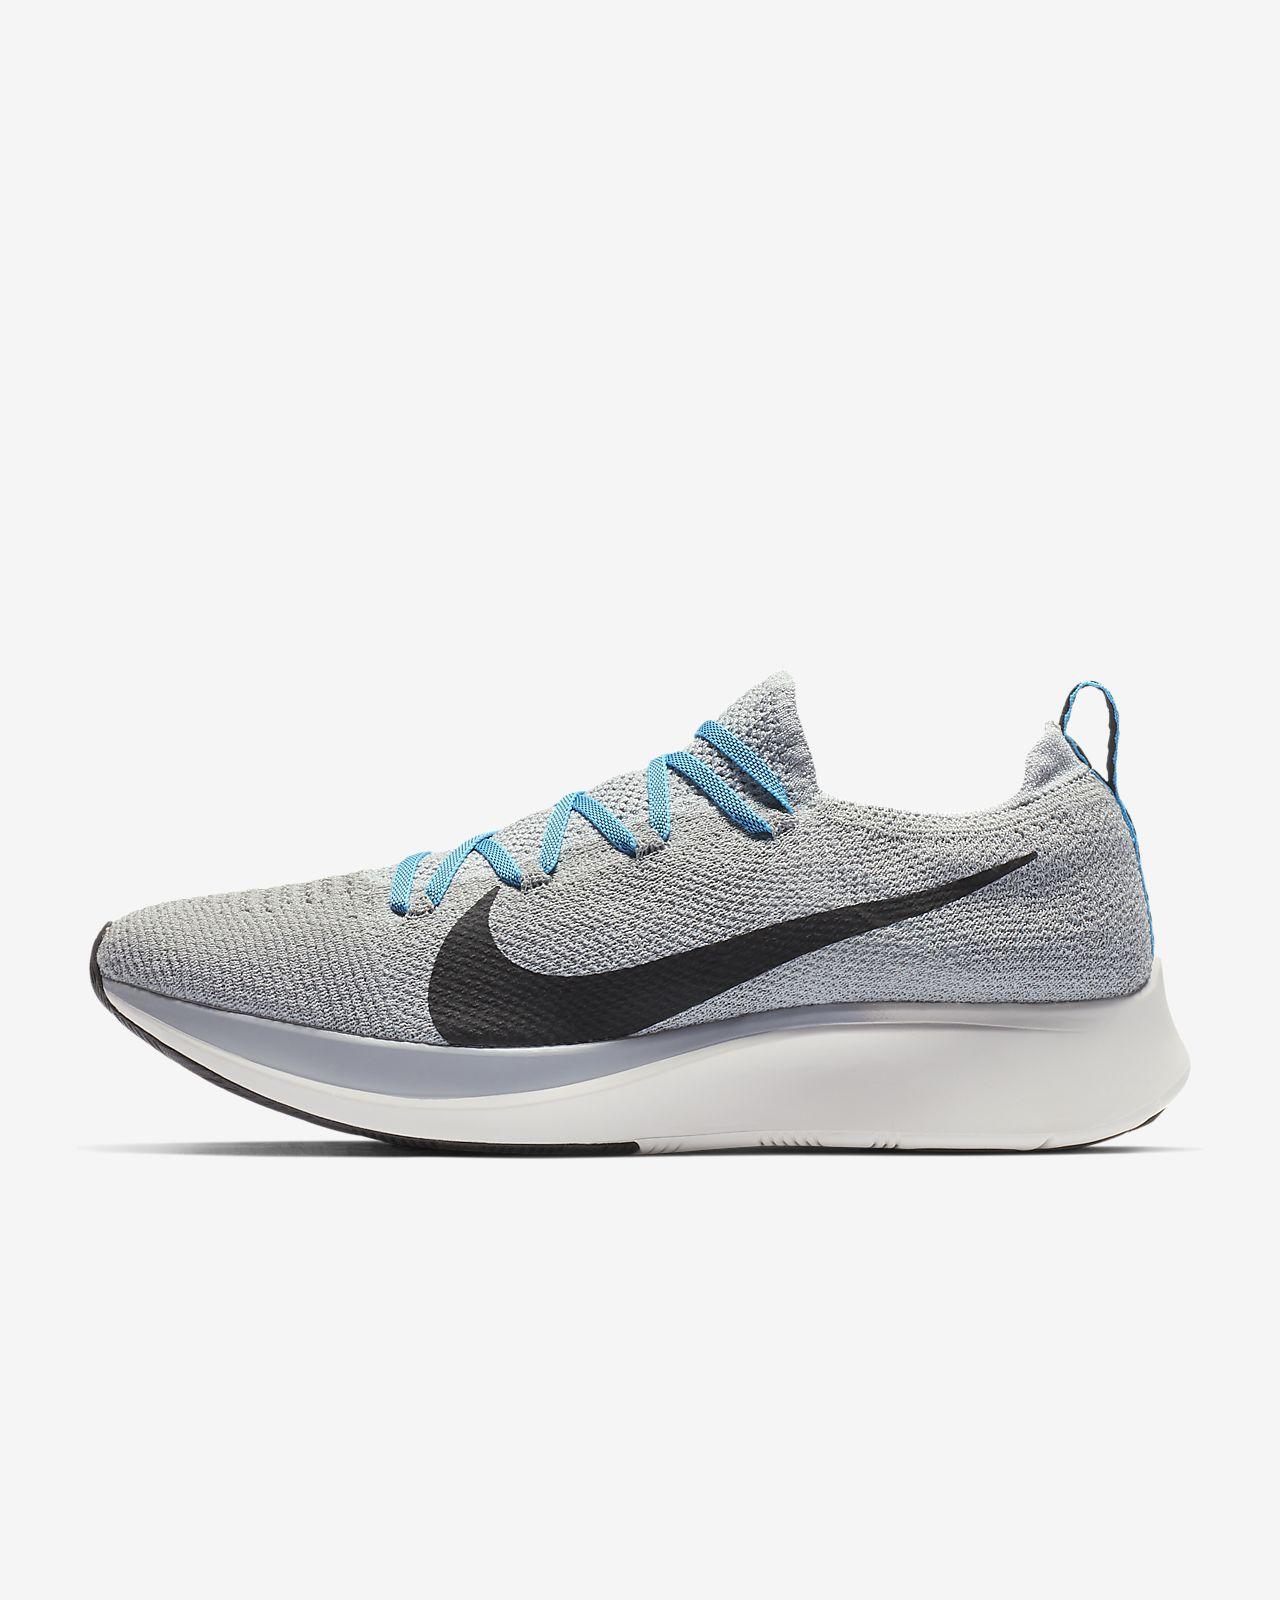 Löparsko Nike Zoom Fly för män